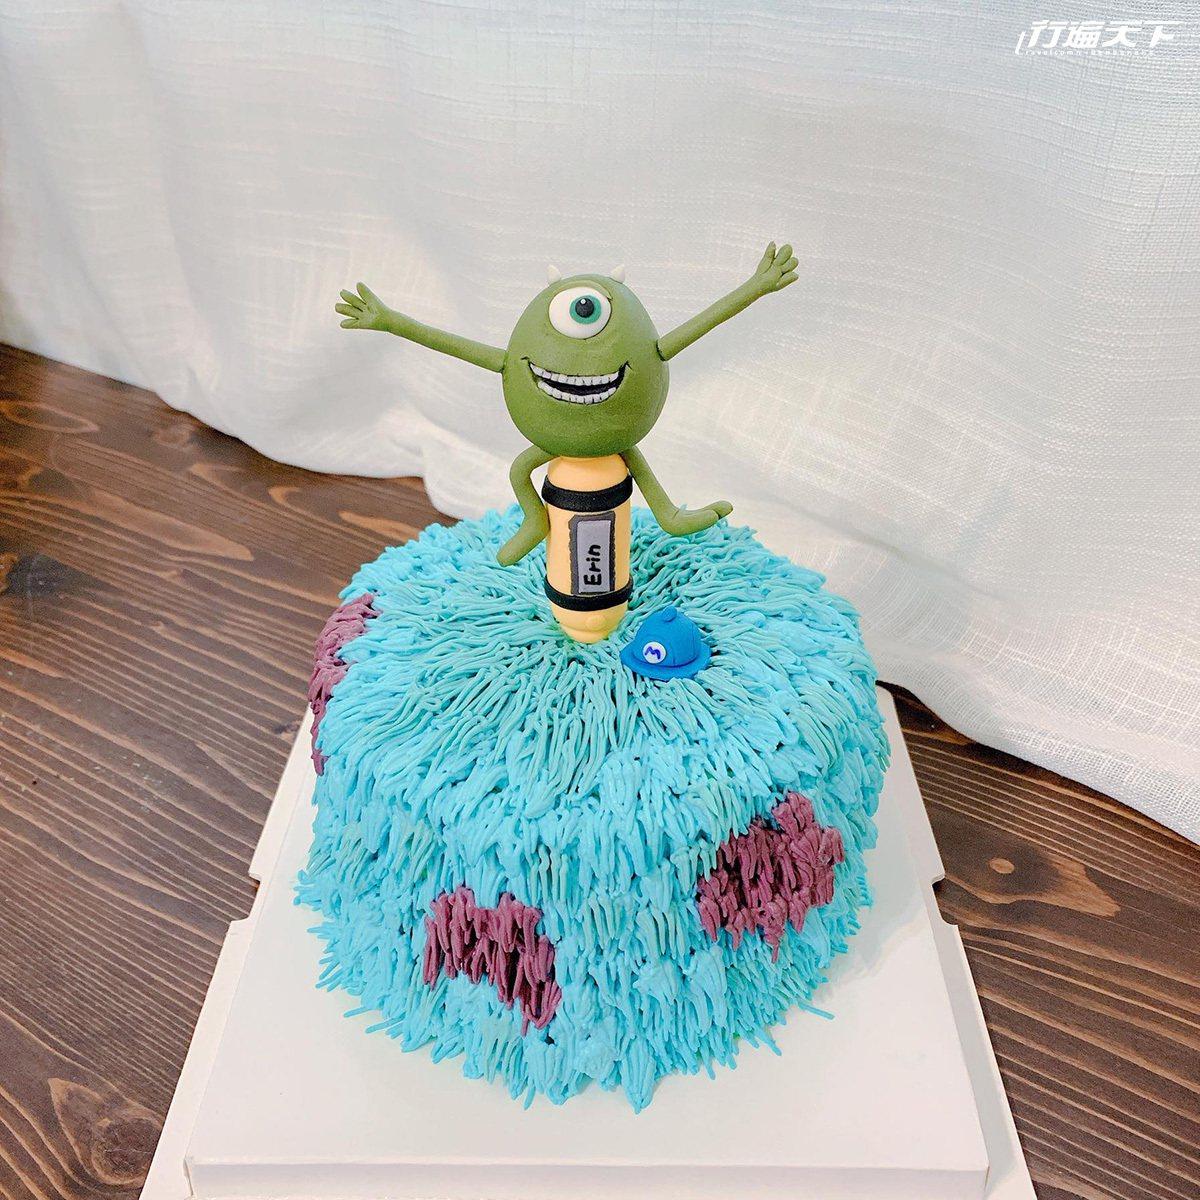 ▲發揮創意藝術將翻糖蛋糕做得栩栩如生,給予驚喜的開心。